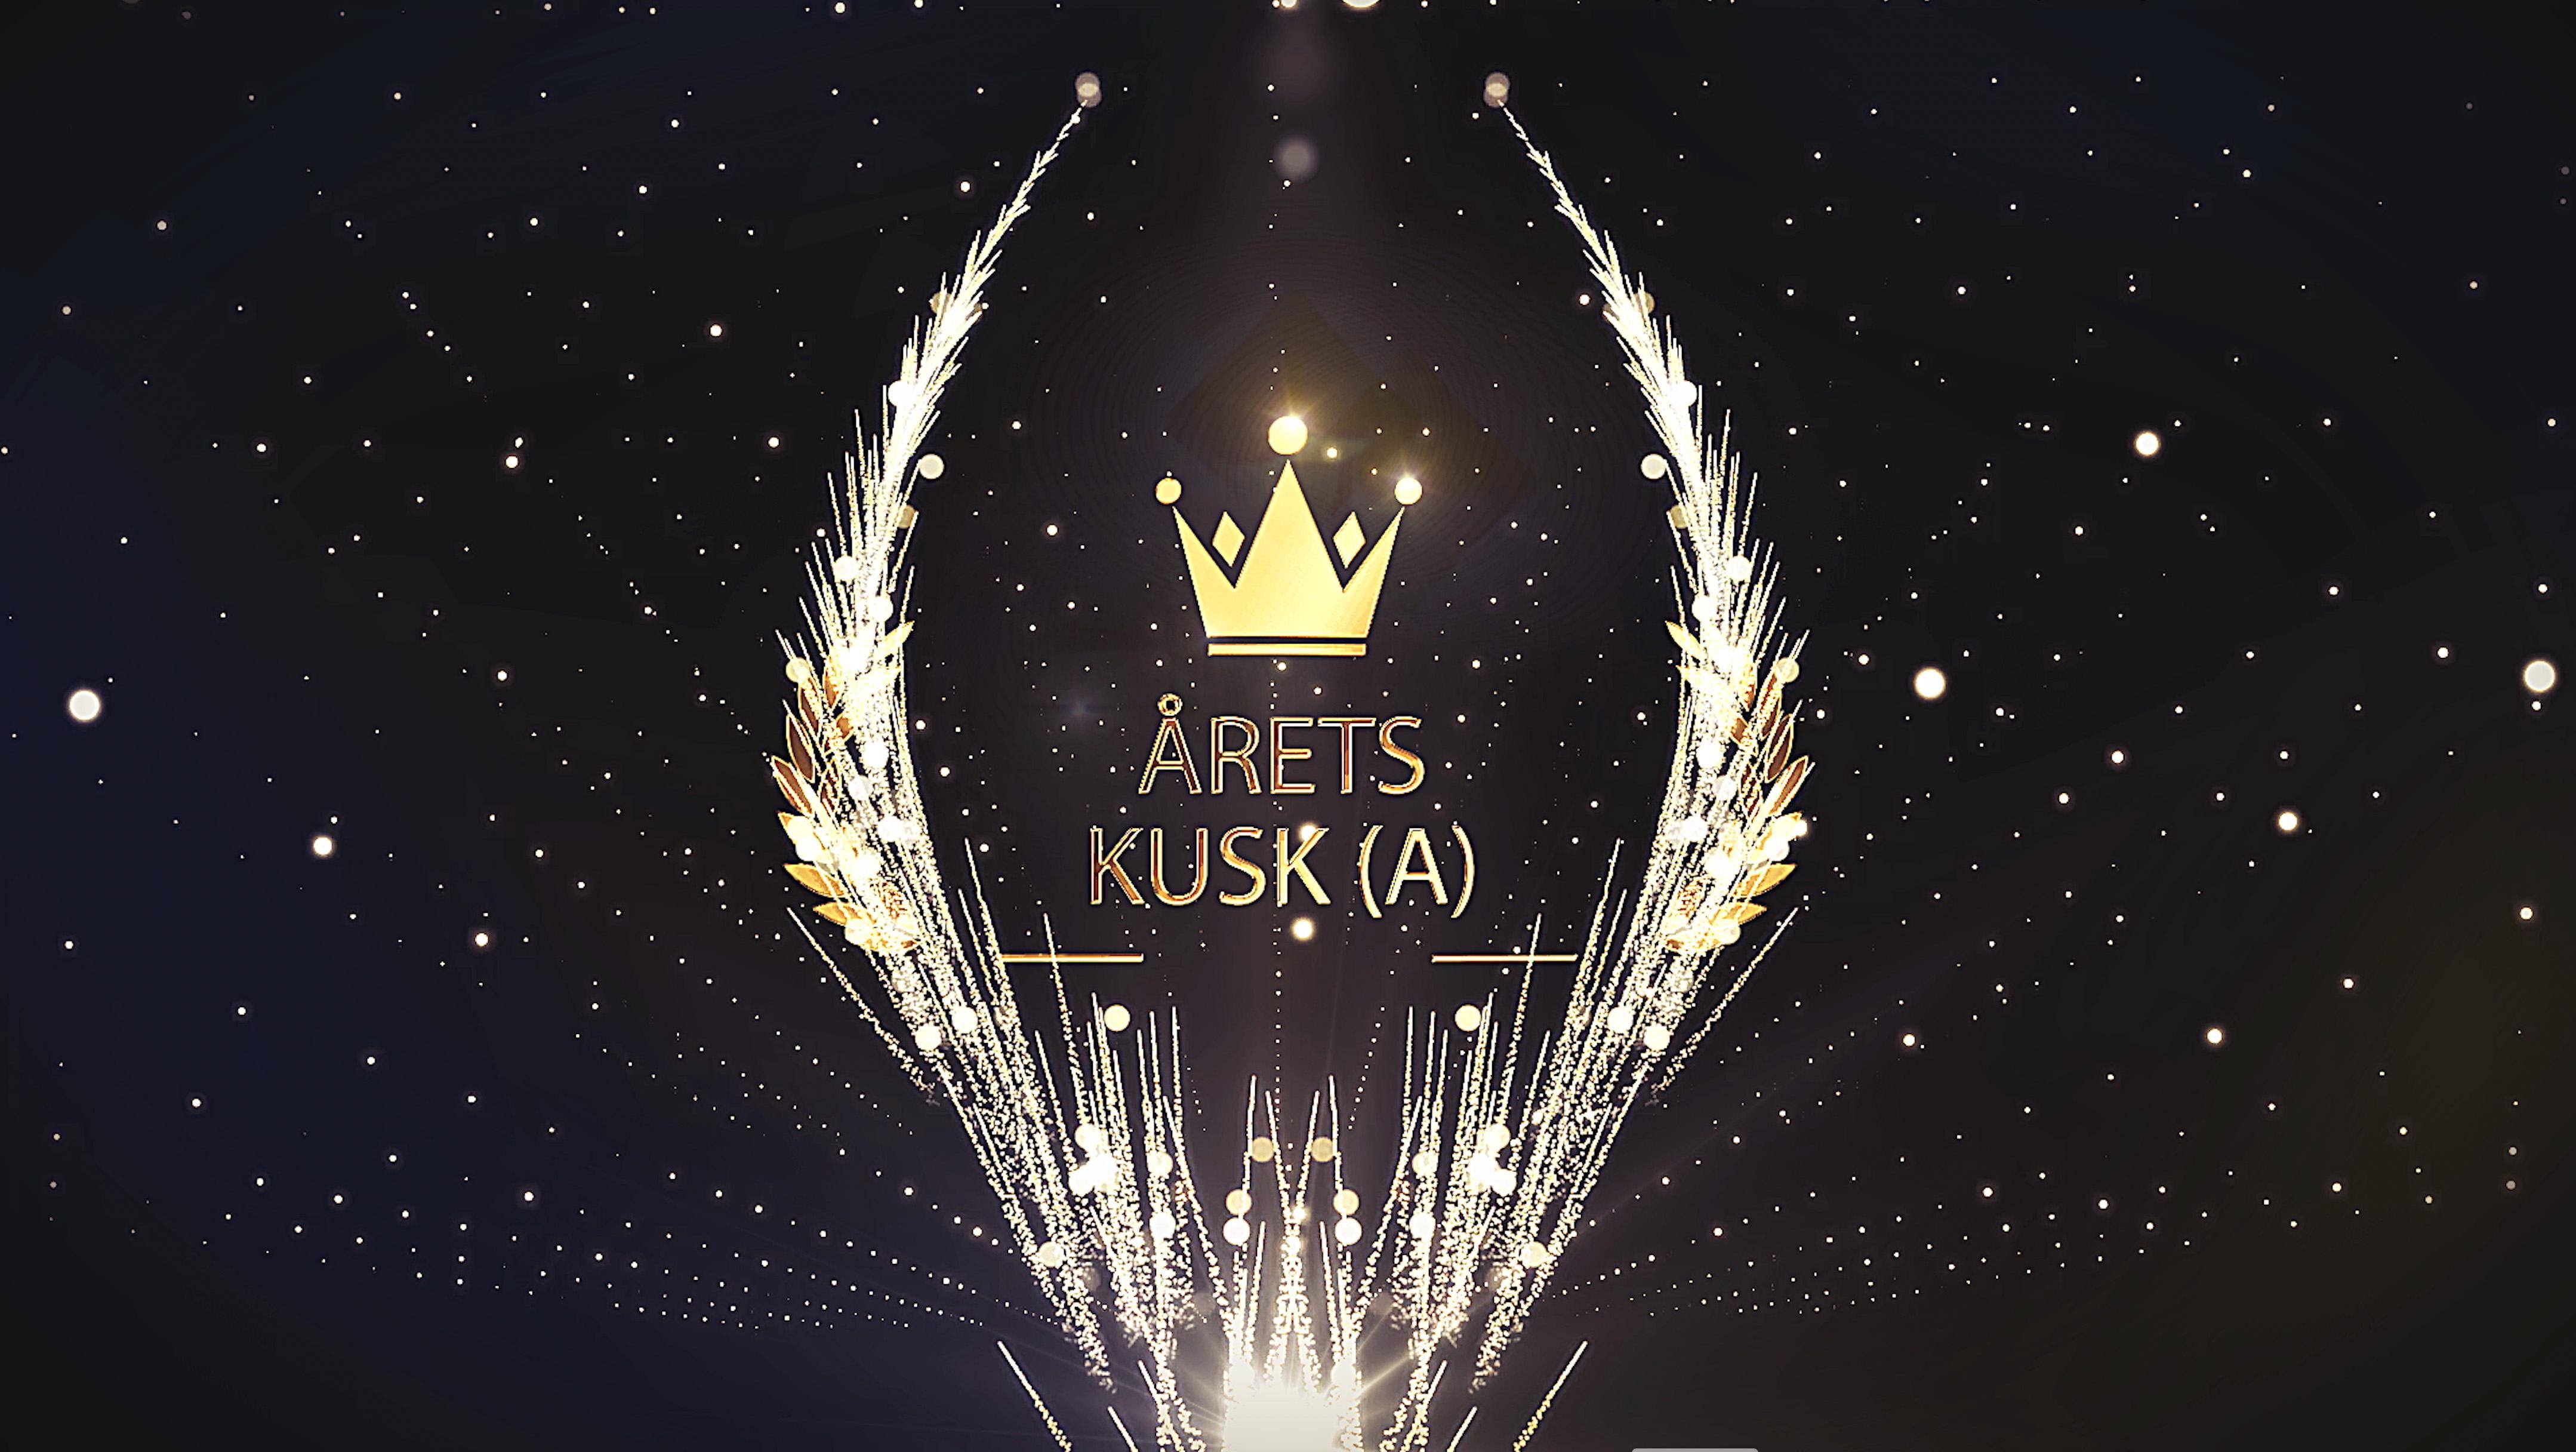 Årets Kusk (A) 2020